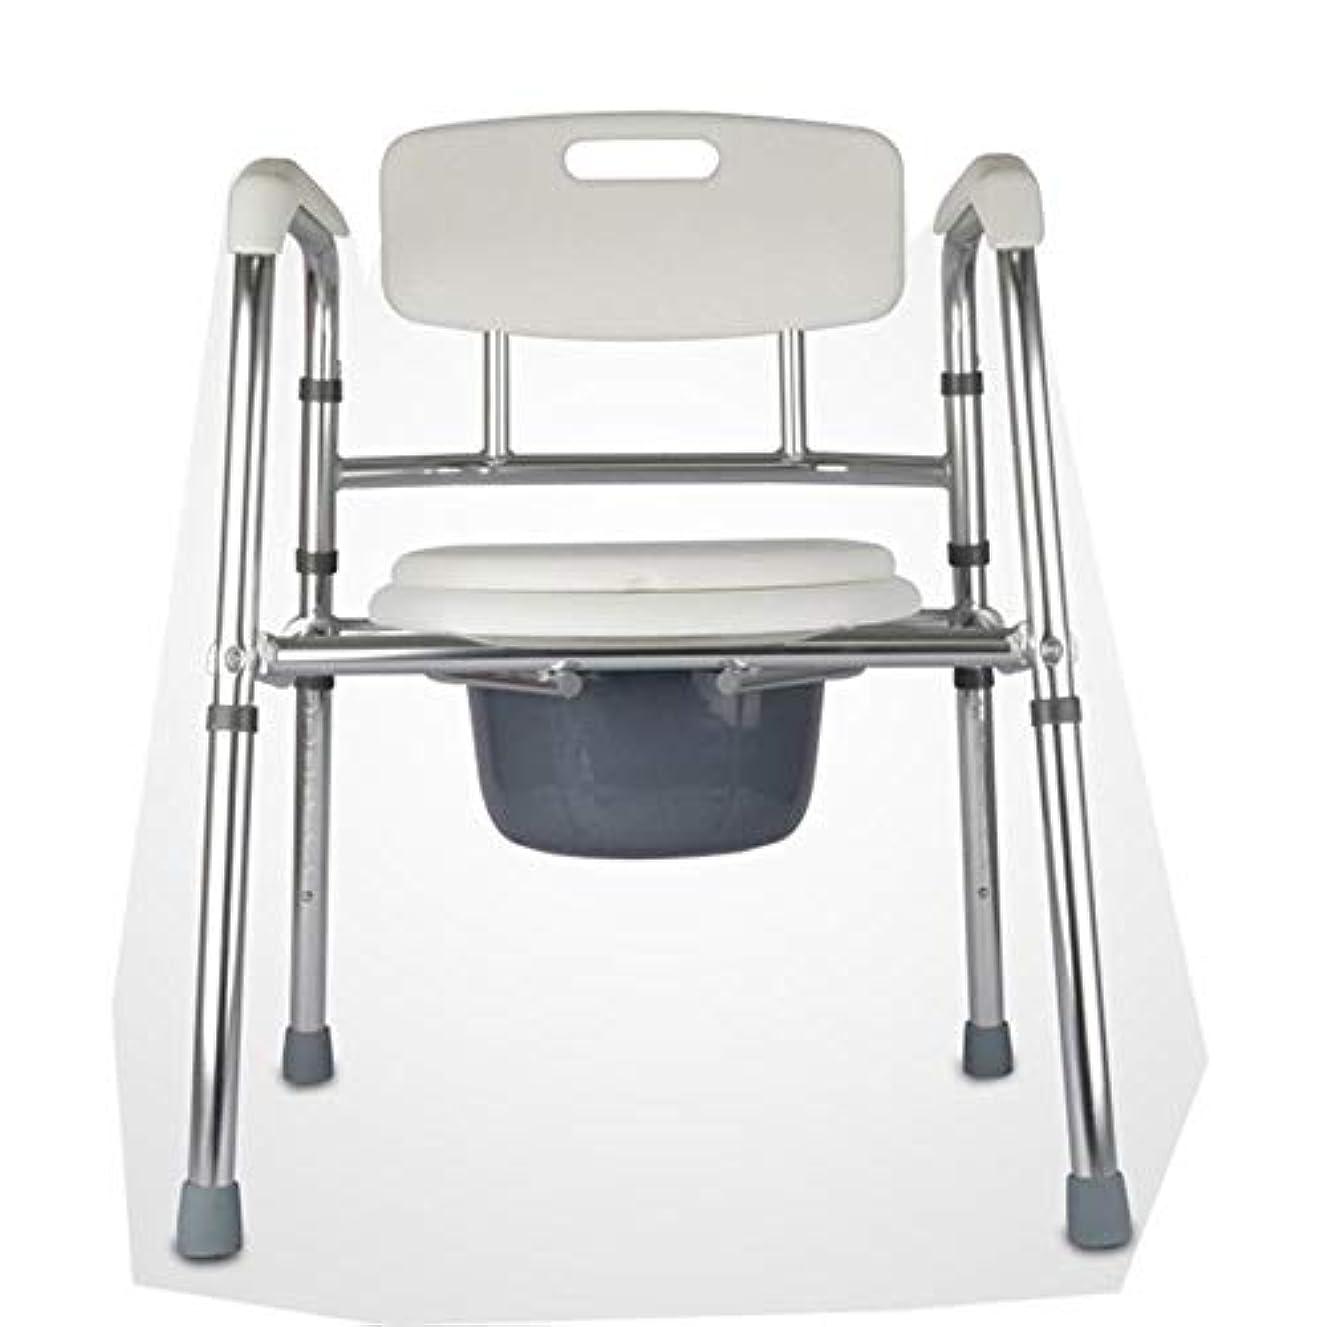 靄アラートバナー折りたたみ式mode椅子とトイレサラウンド、軽量、丈夫、シンプル、高齢者、障害者、祖父母向けのバスルームサポート